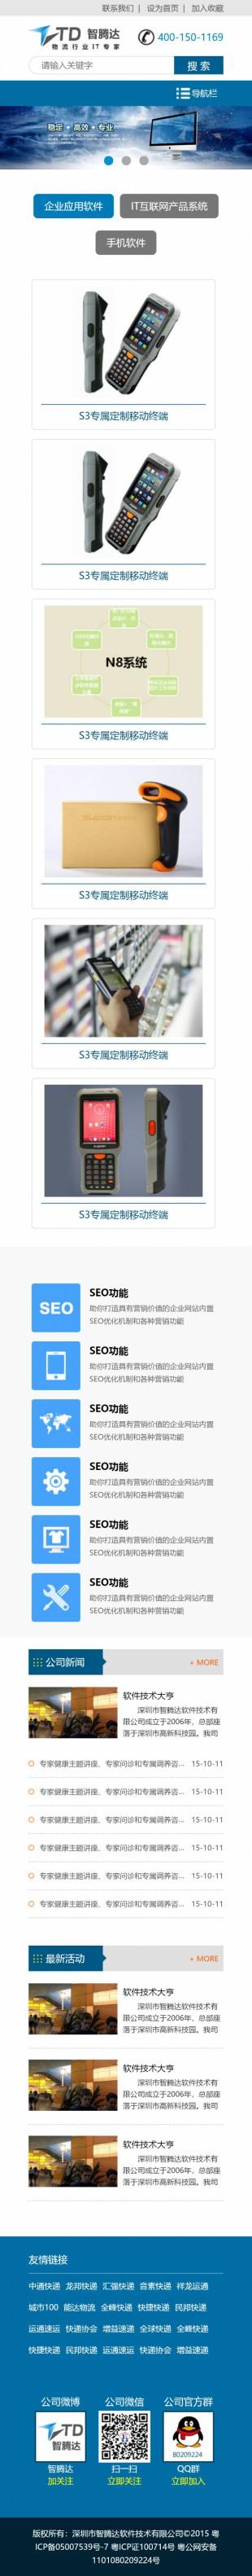 物流IT行业类网站建设模板手机图片